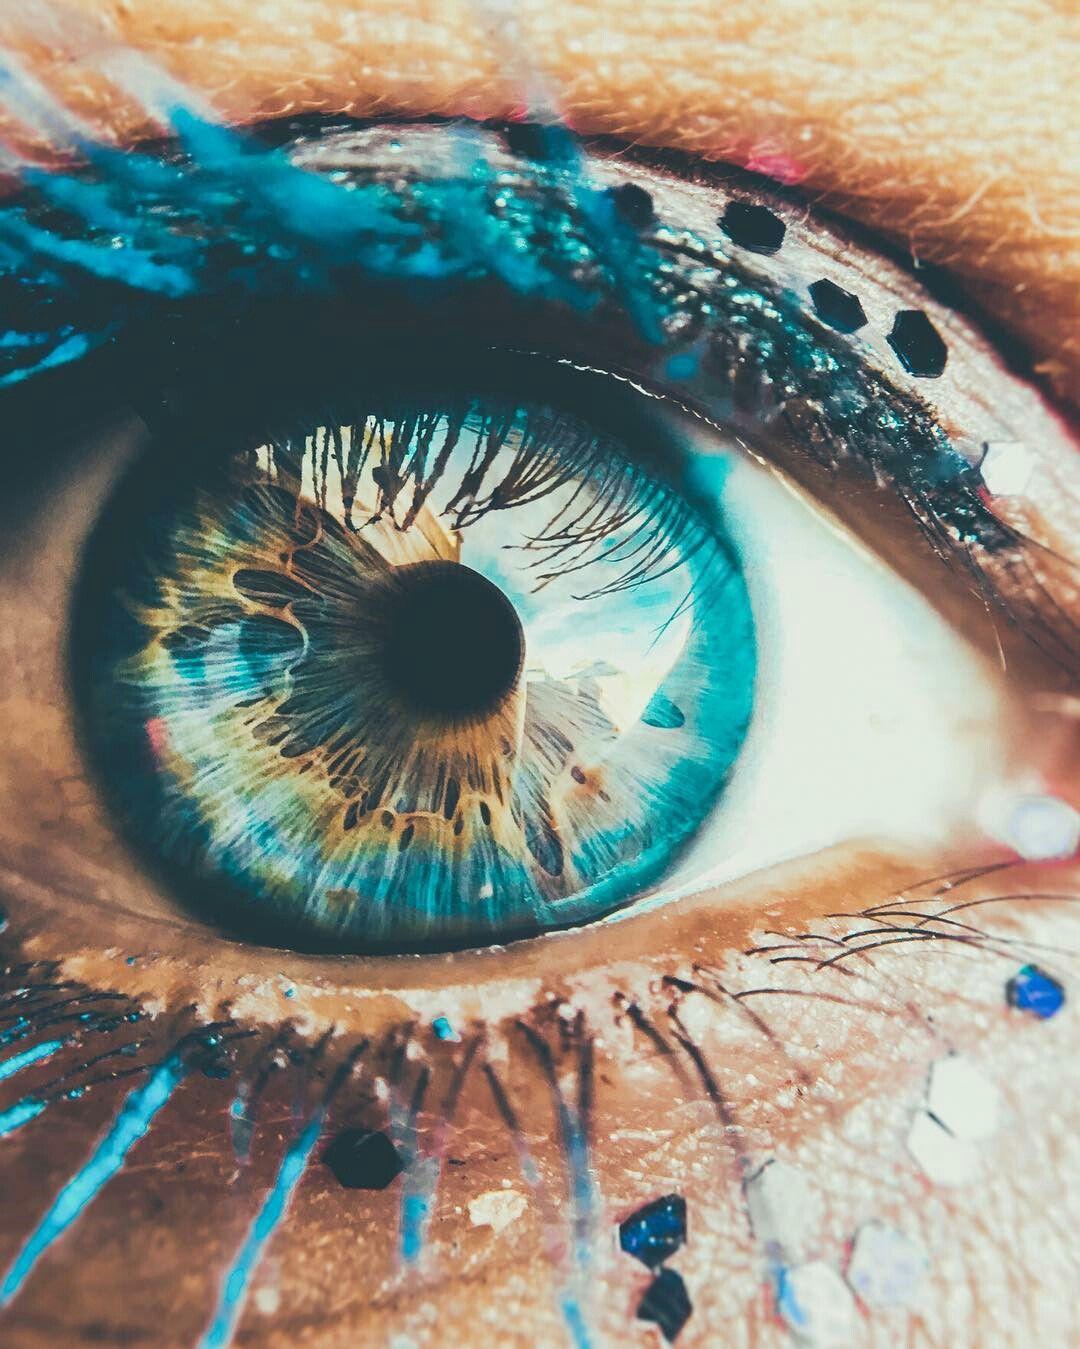 картинки с изображением глаза кронштейны, которые позволяют